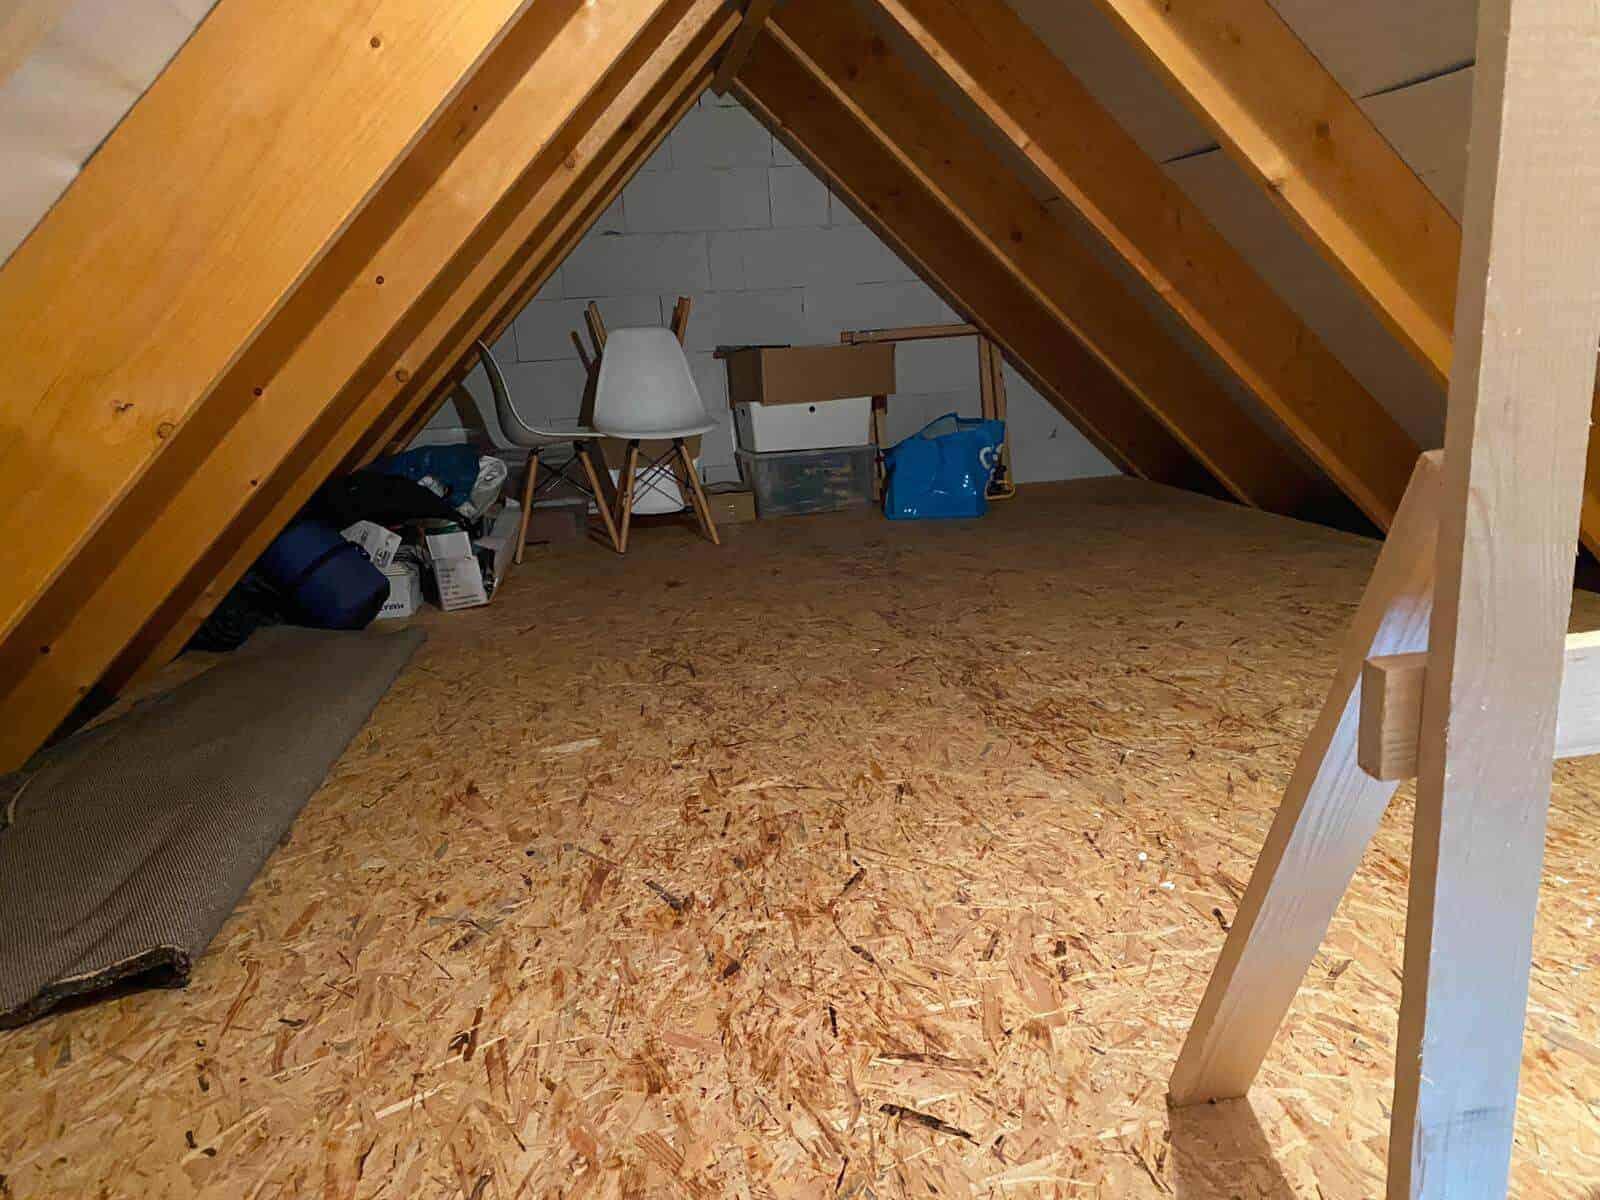 wir haben unseren spitzboden nicht ausgebaut sondern haben eine dielung legen lassen und verwenden ihn als stauflaeche